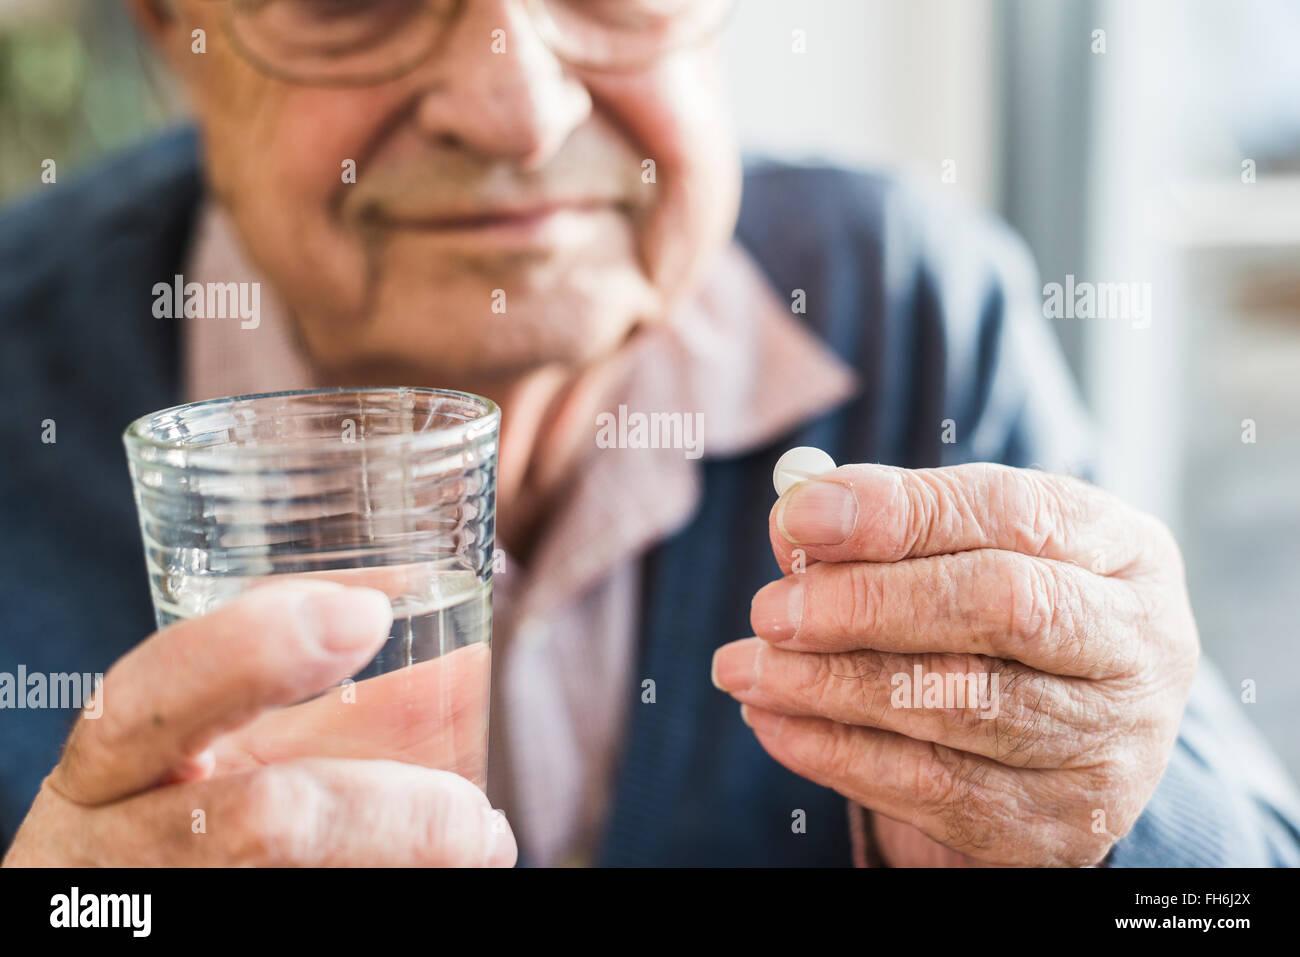 Mains de senior man holding tablet et verre d'eau, Close up Photo Stock